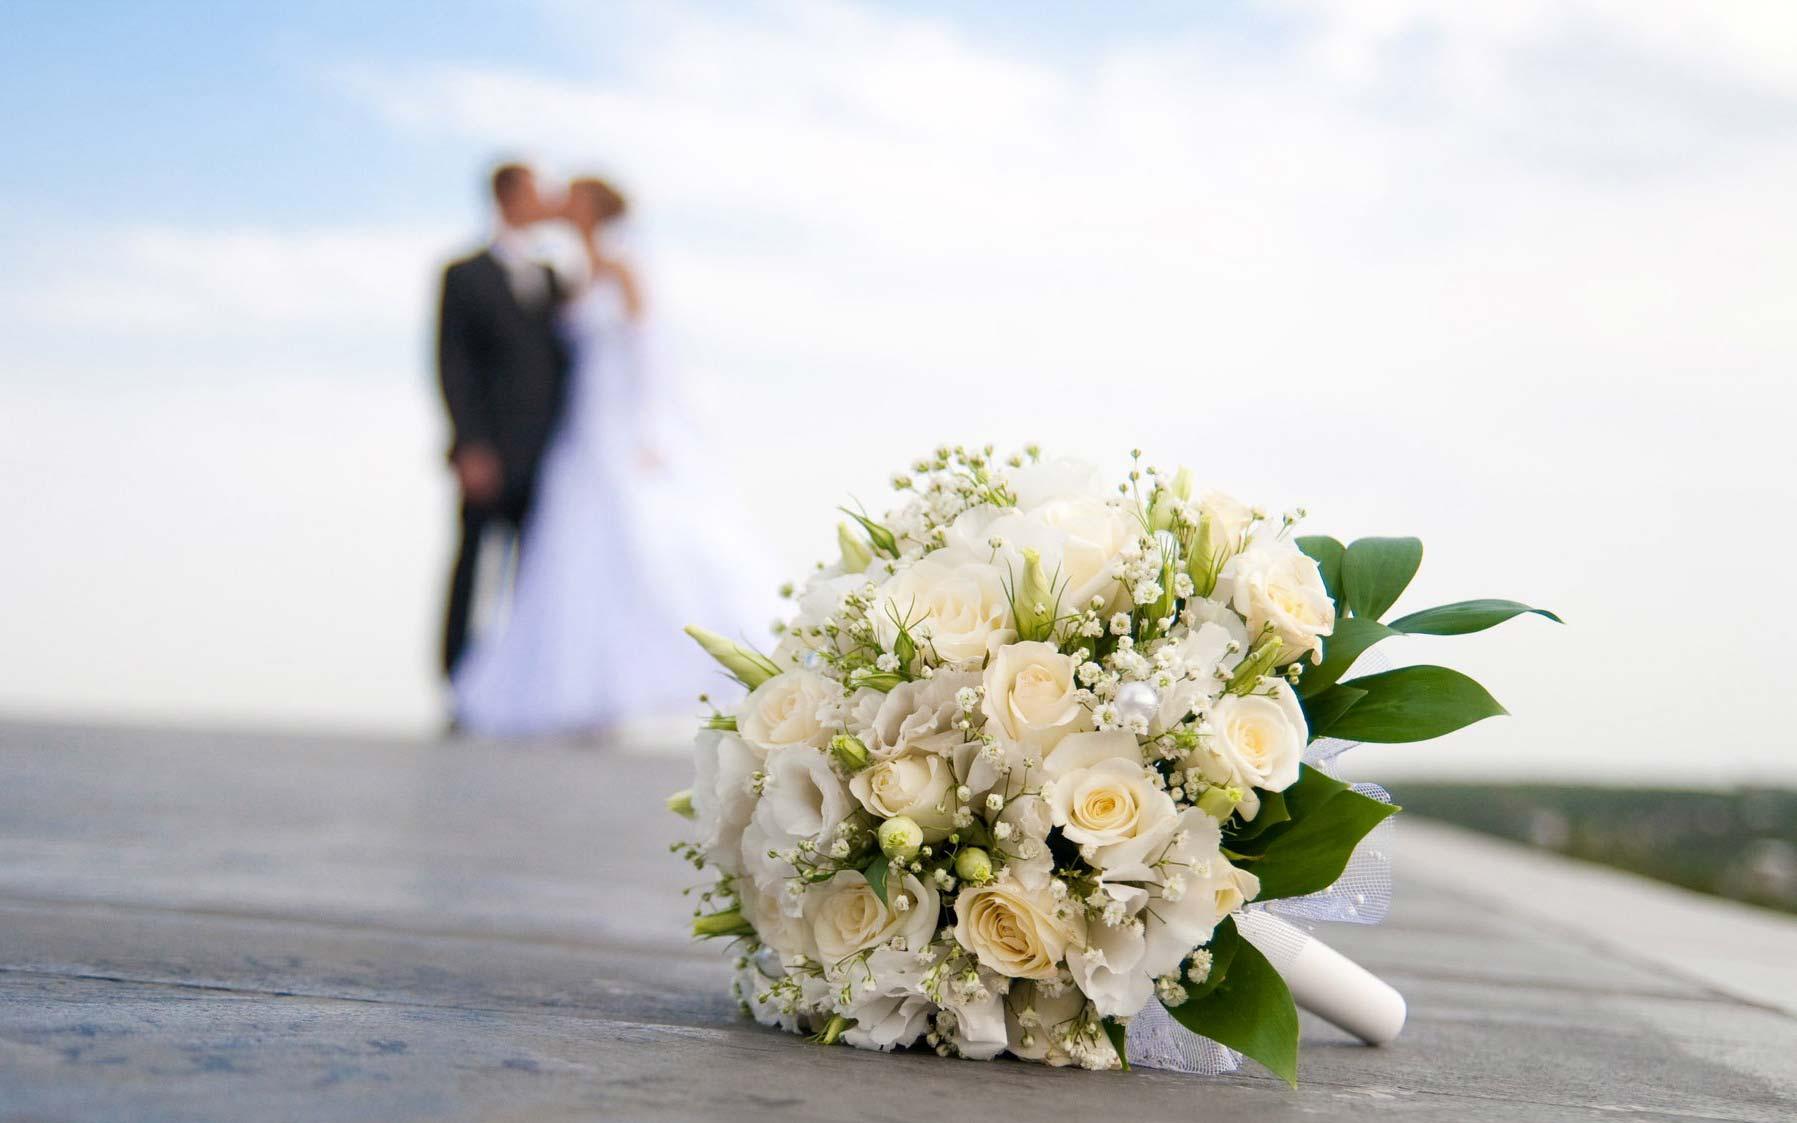 Durante un matrimonio uno degli invitati subisce un furto, arriva  la polizia e scopre che è stata la testimone dello sposo